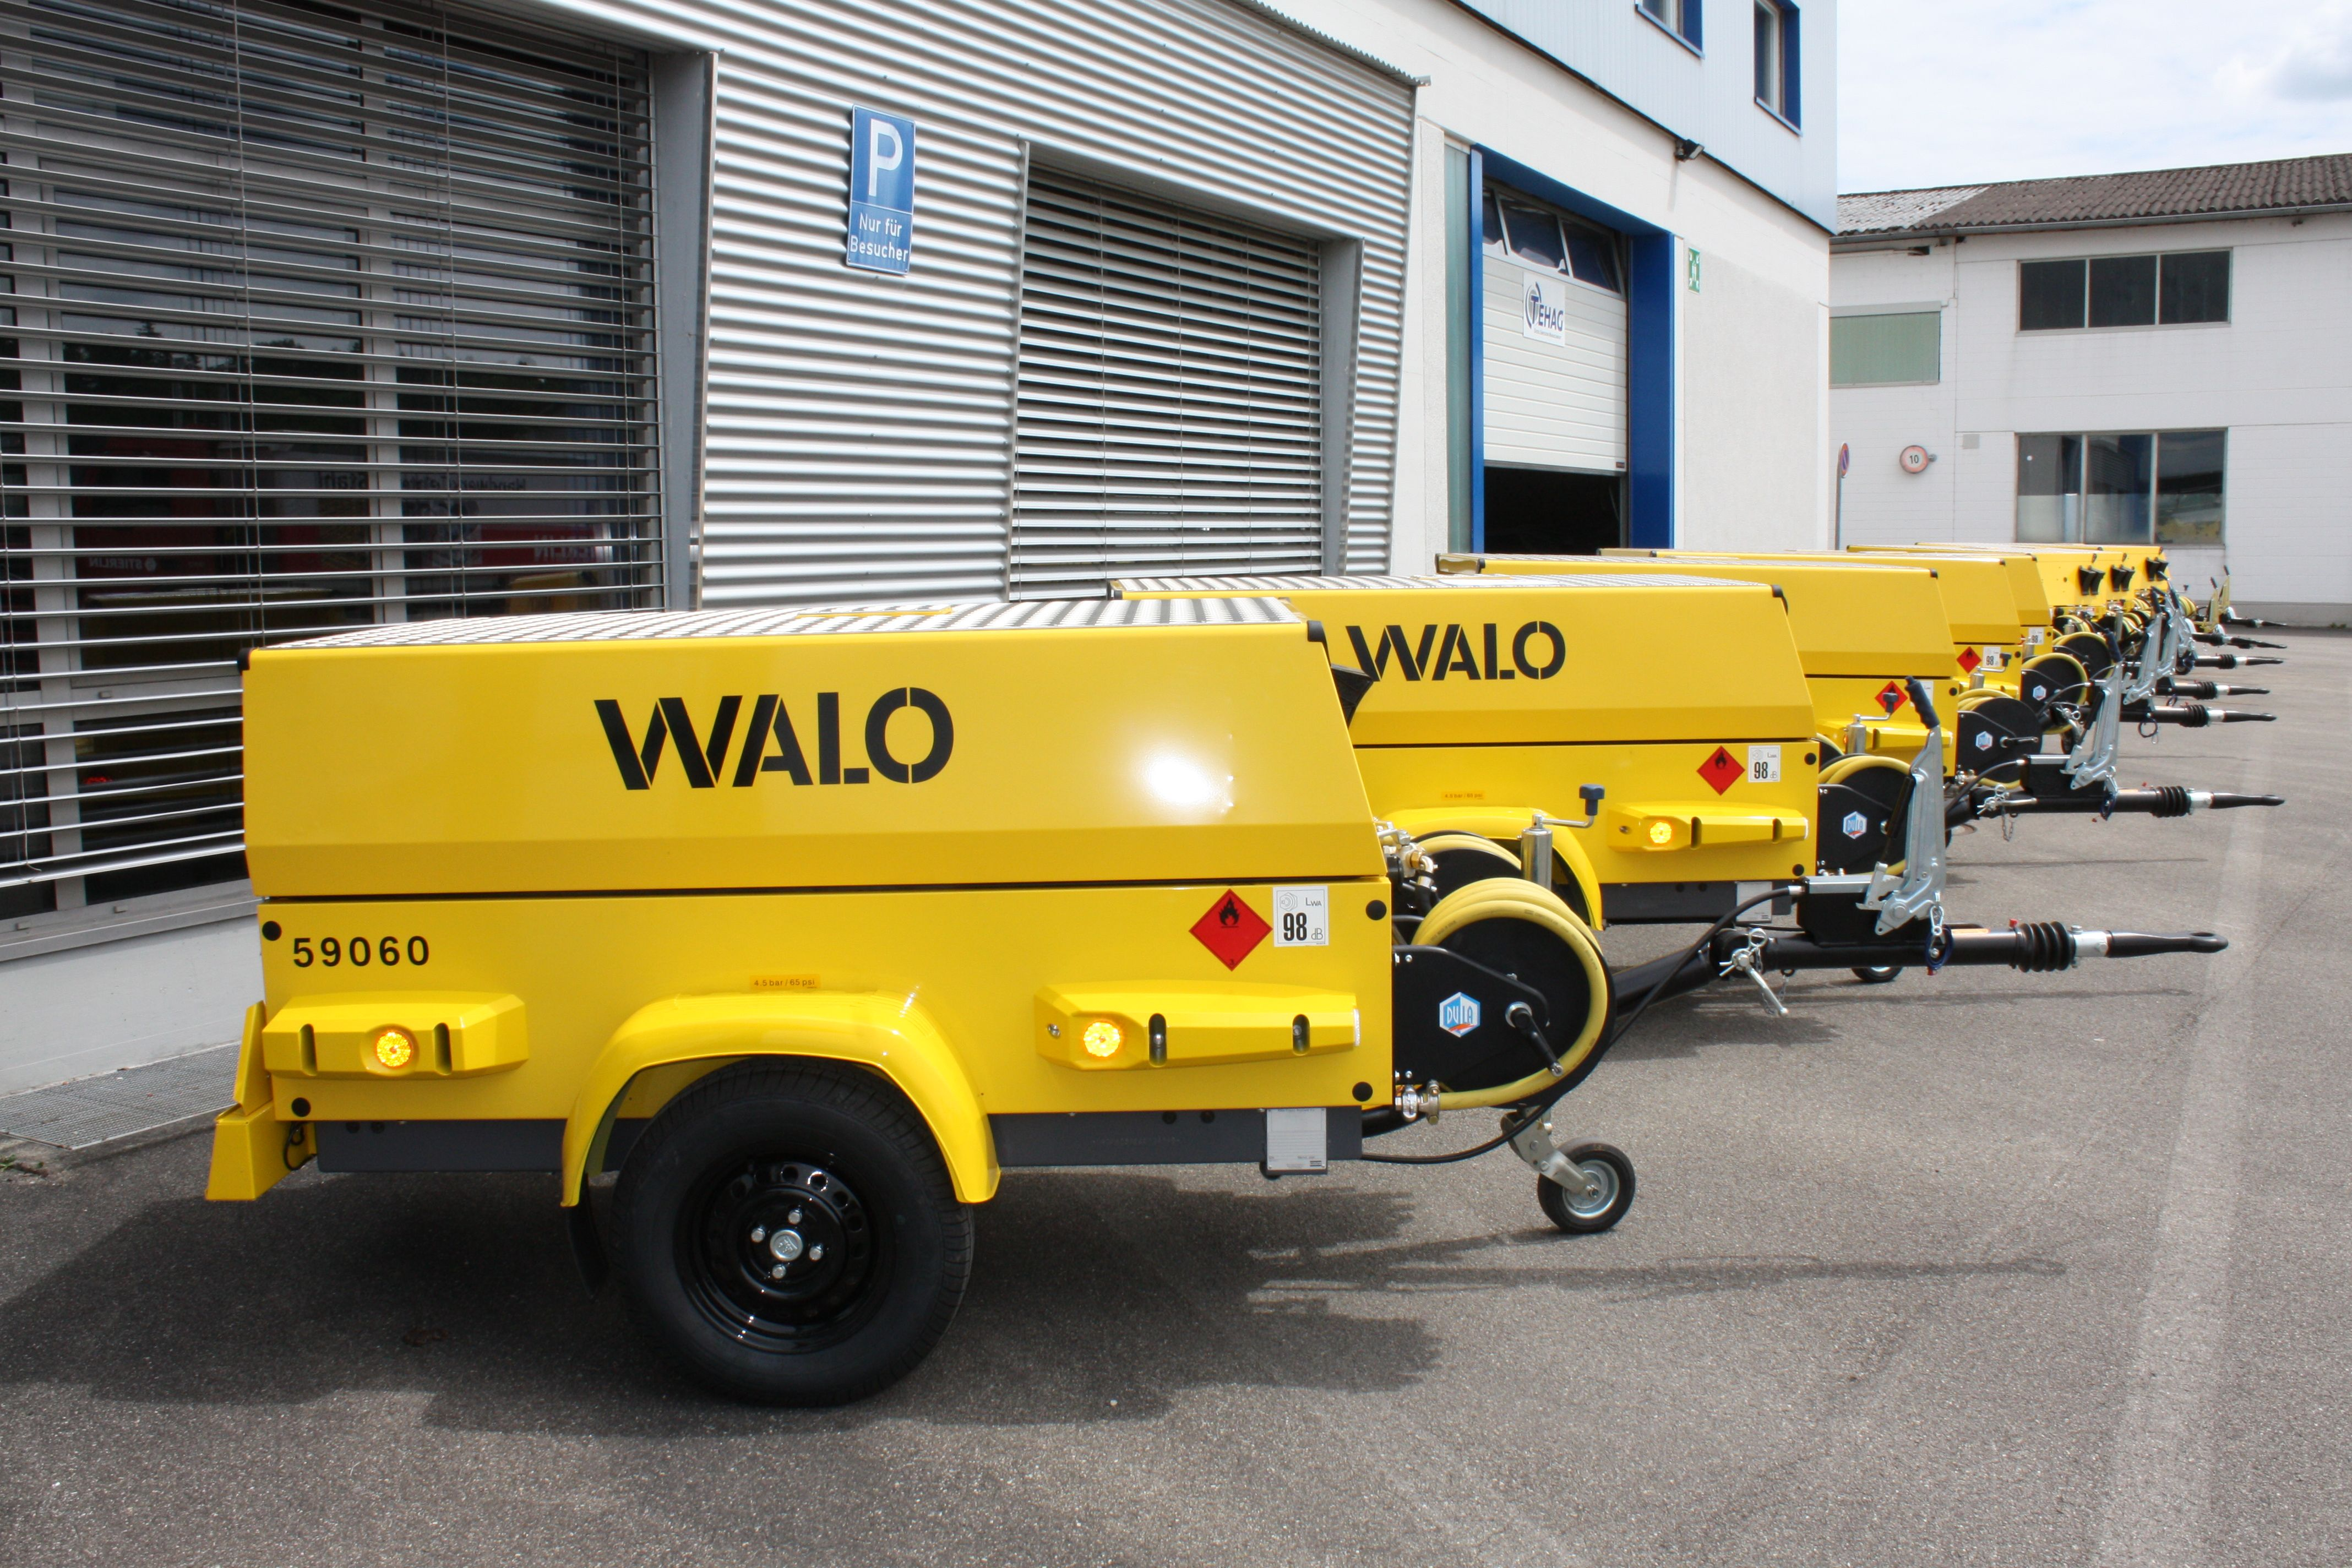 Kompressor -Hersteller Baumaschine: Atlas Copco - Typ Baumaschine: XAS 67 DdG - Hersteller Motor: Deutz - Typ Motor: D2011 L03 - Motornennleistung: kW / 1/min36 kW - Baujahr Baumaschine / Motor 2015